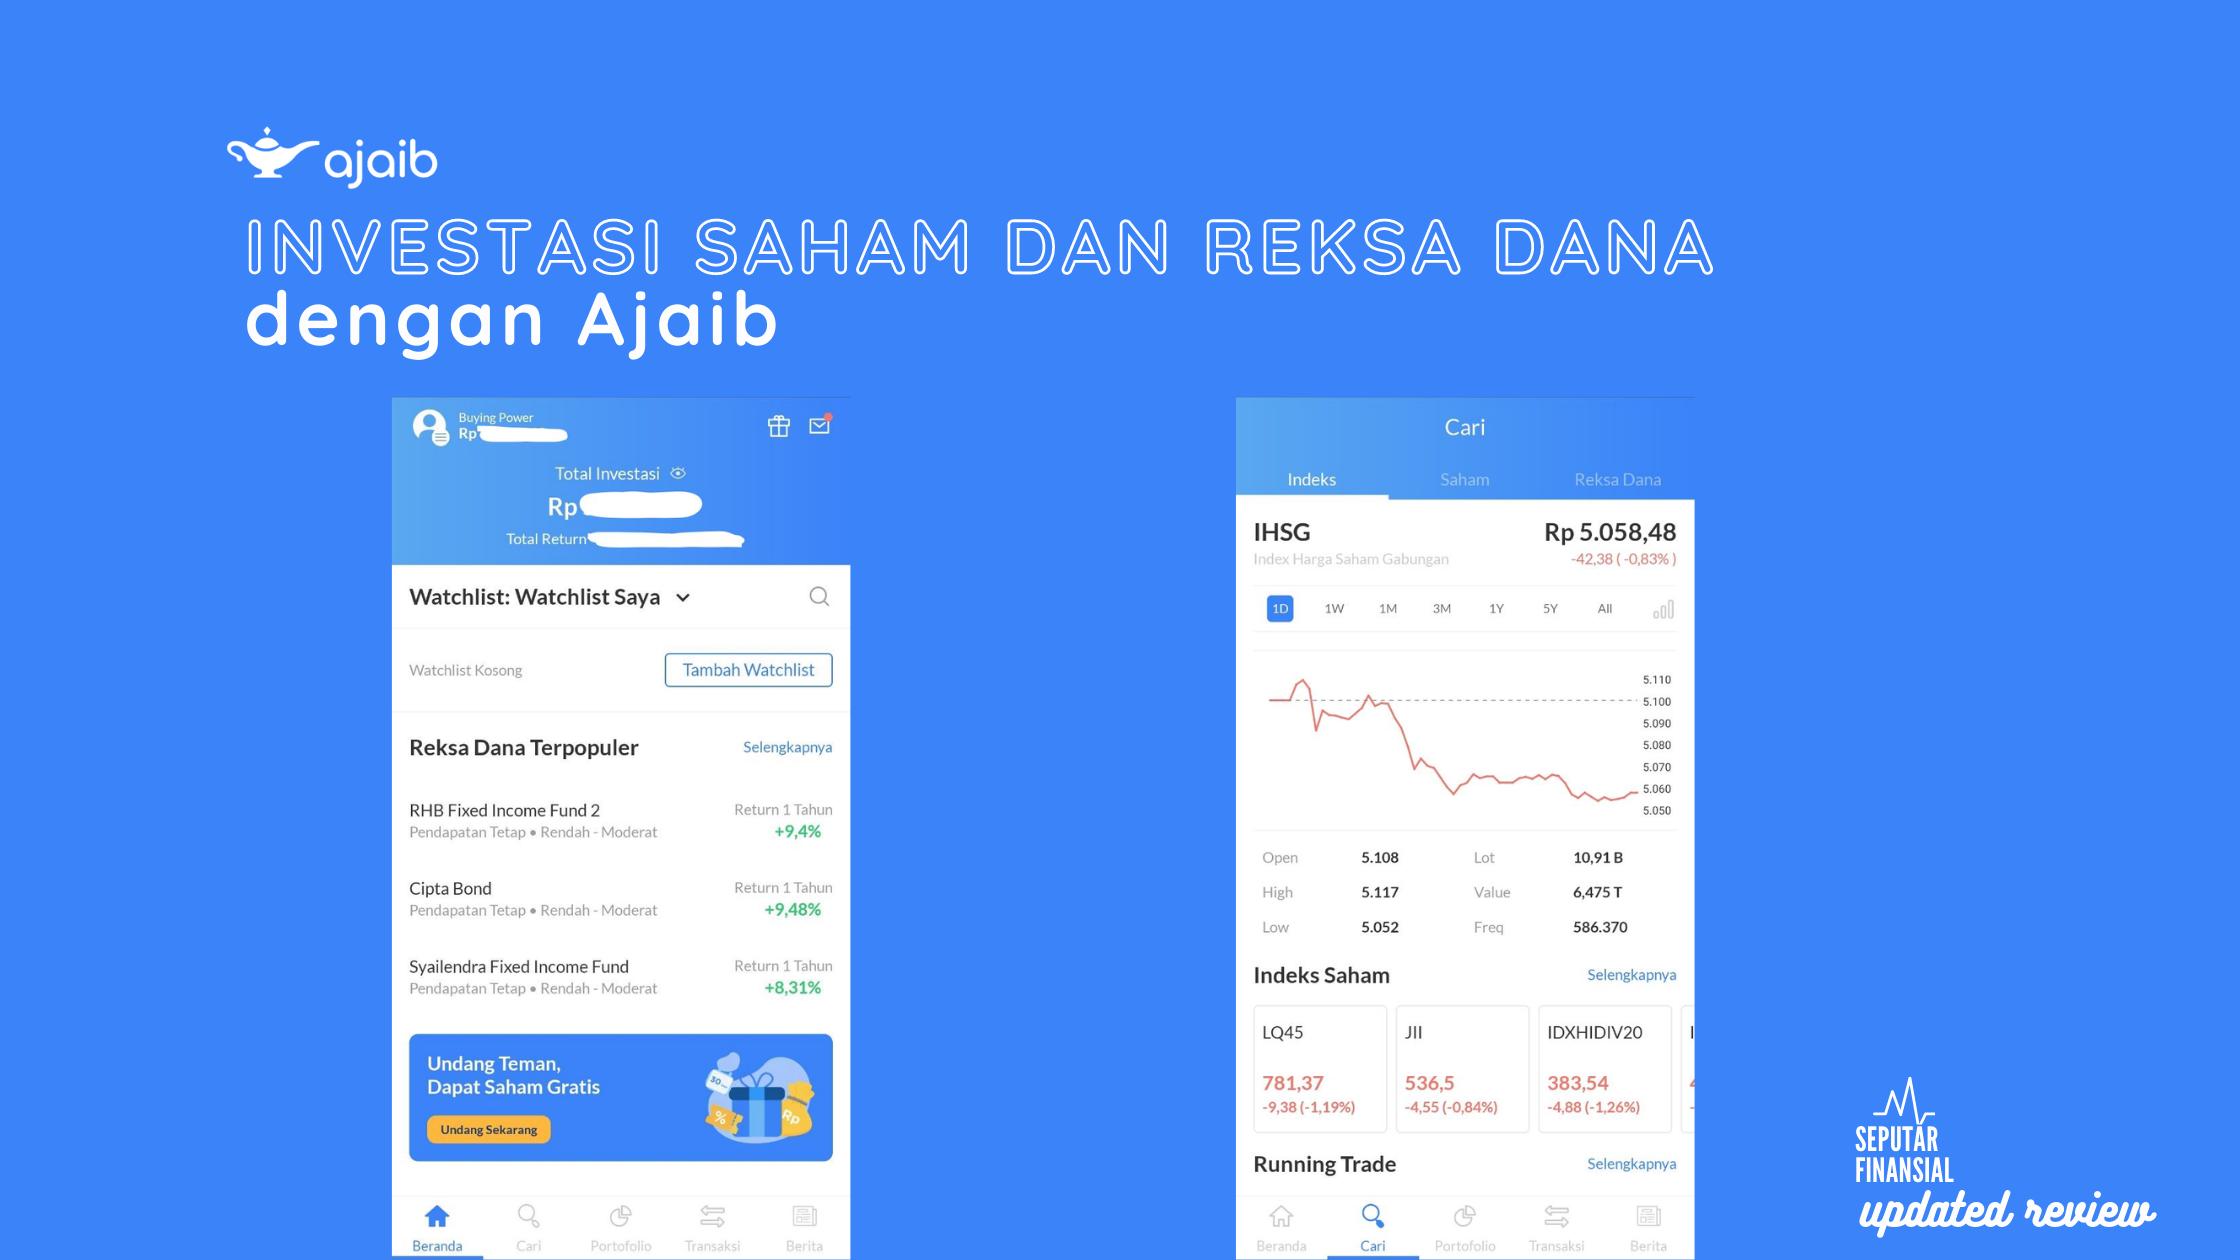 Review update: Investasi reksa dana DAN saham dengan Ajaib